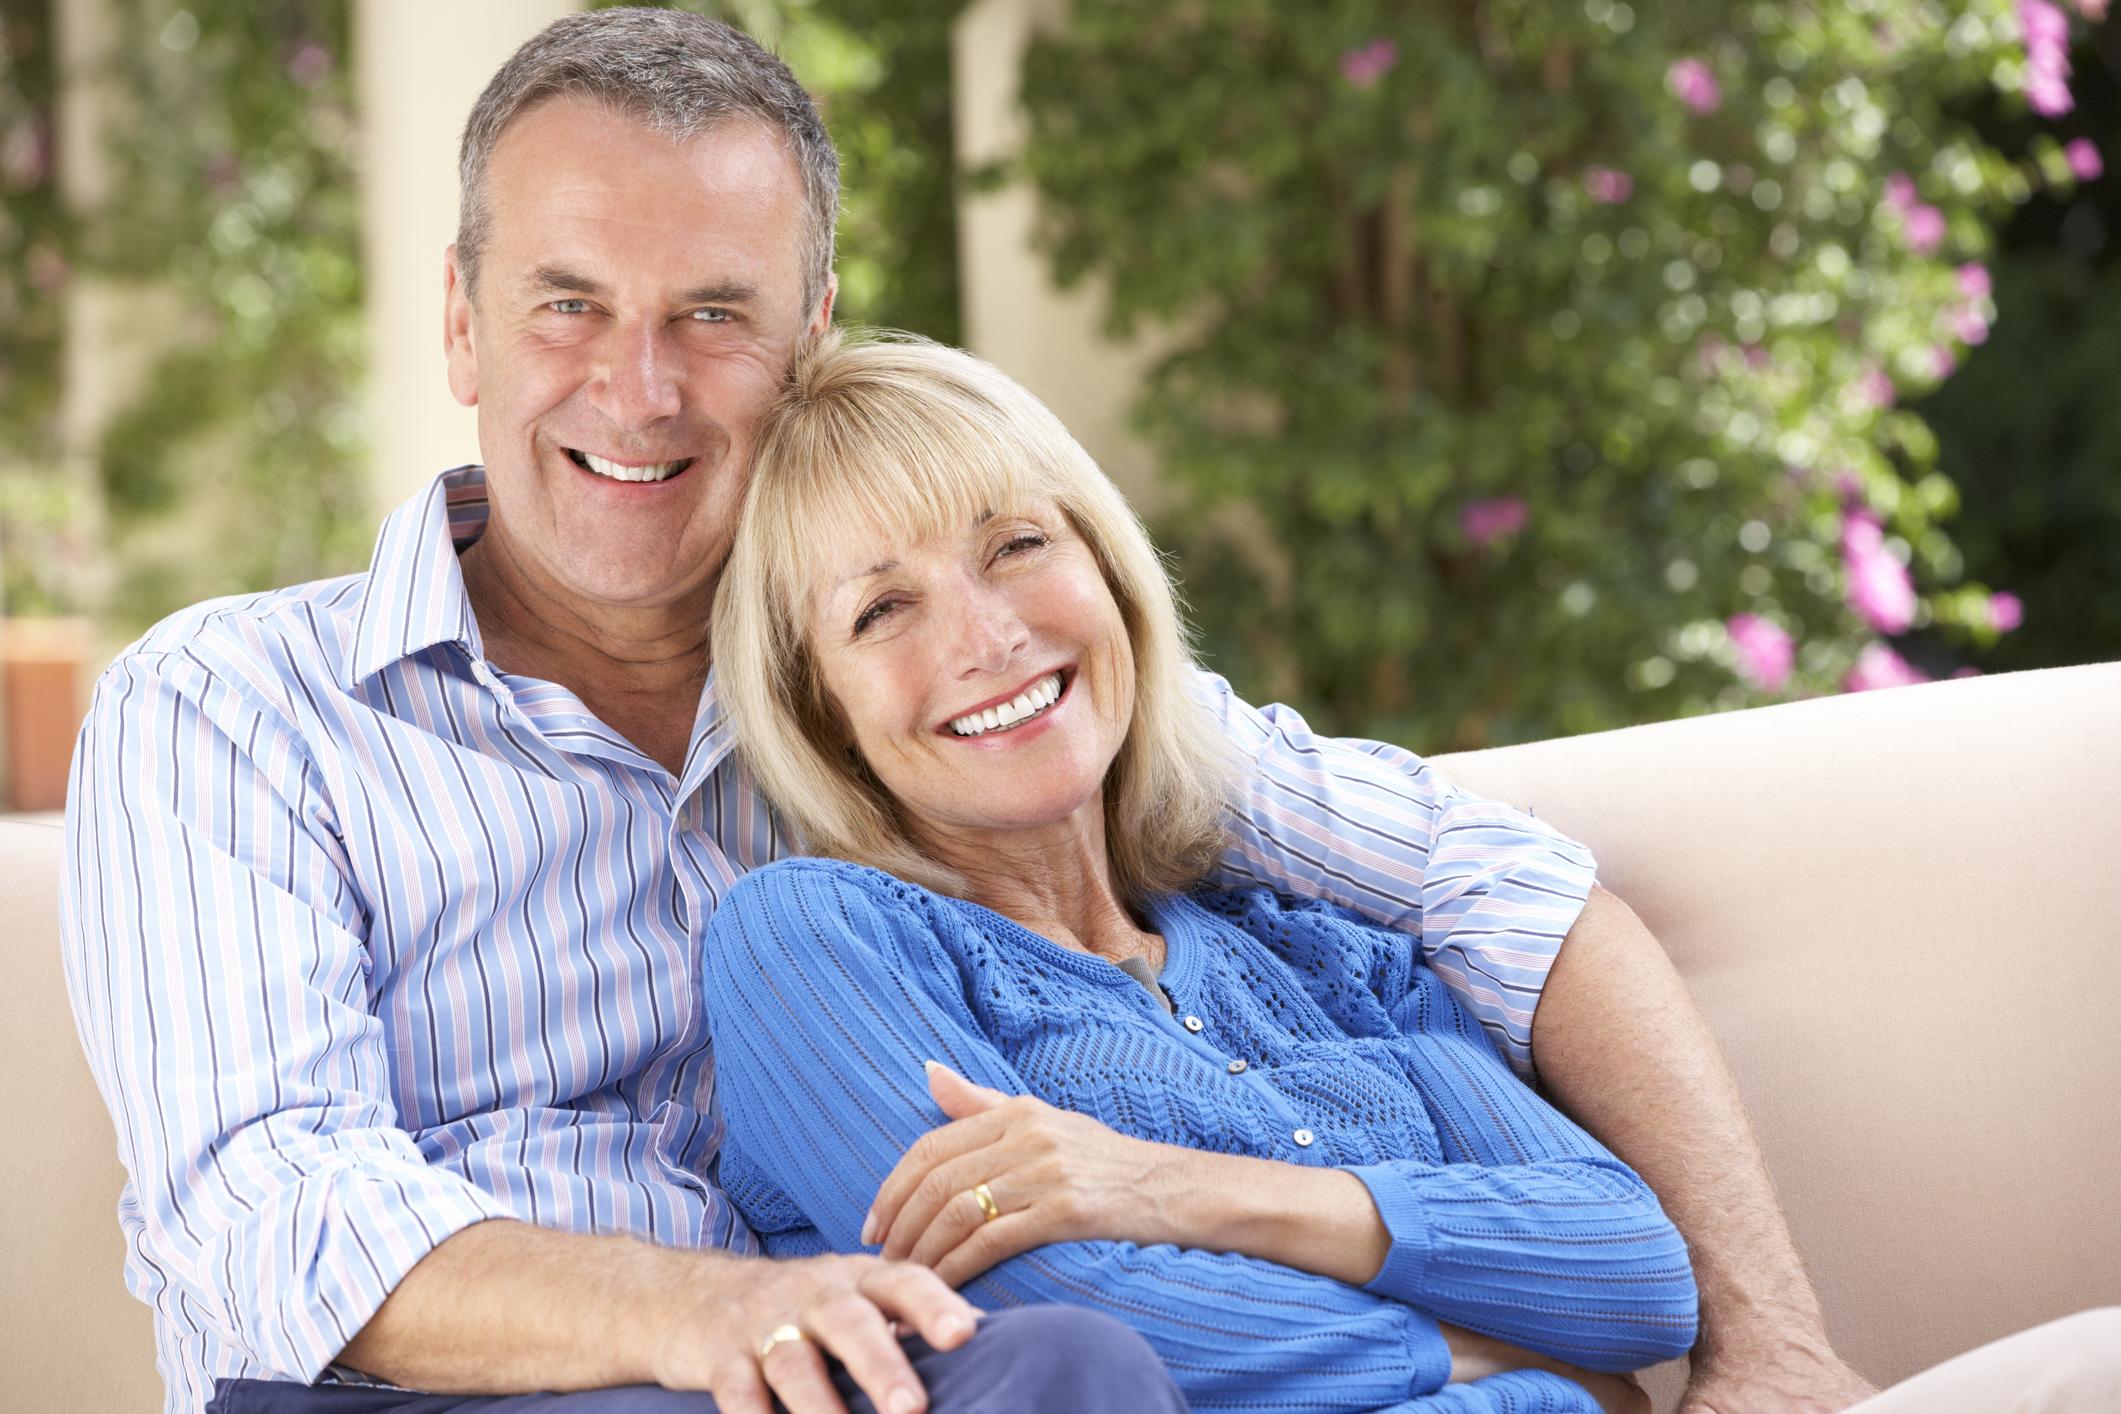 """Редовният секс е полезен и удовлетворяващ за по-възрастните дами, но същевременно излага на риск от проблеми със сърцето техните съпрузи и партньори, съобщават Франс прес и в. """"Дейли експрес"""", позовавайки се на резултатите от американско проучване."""